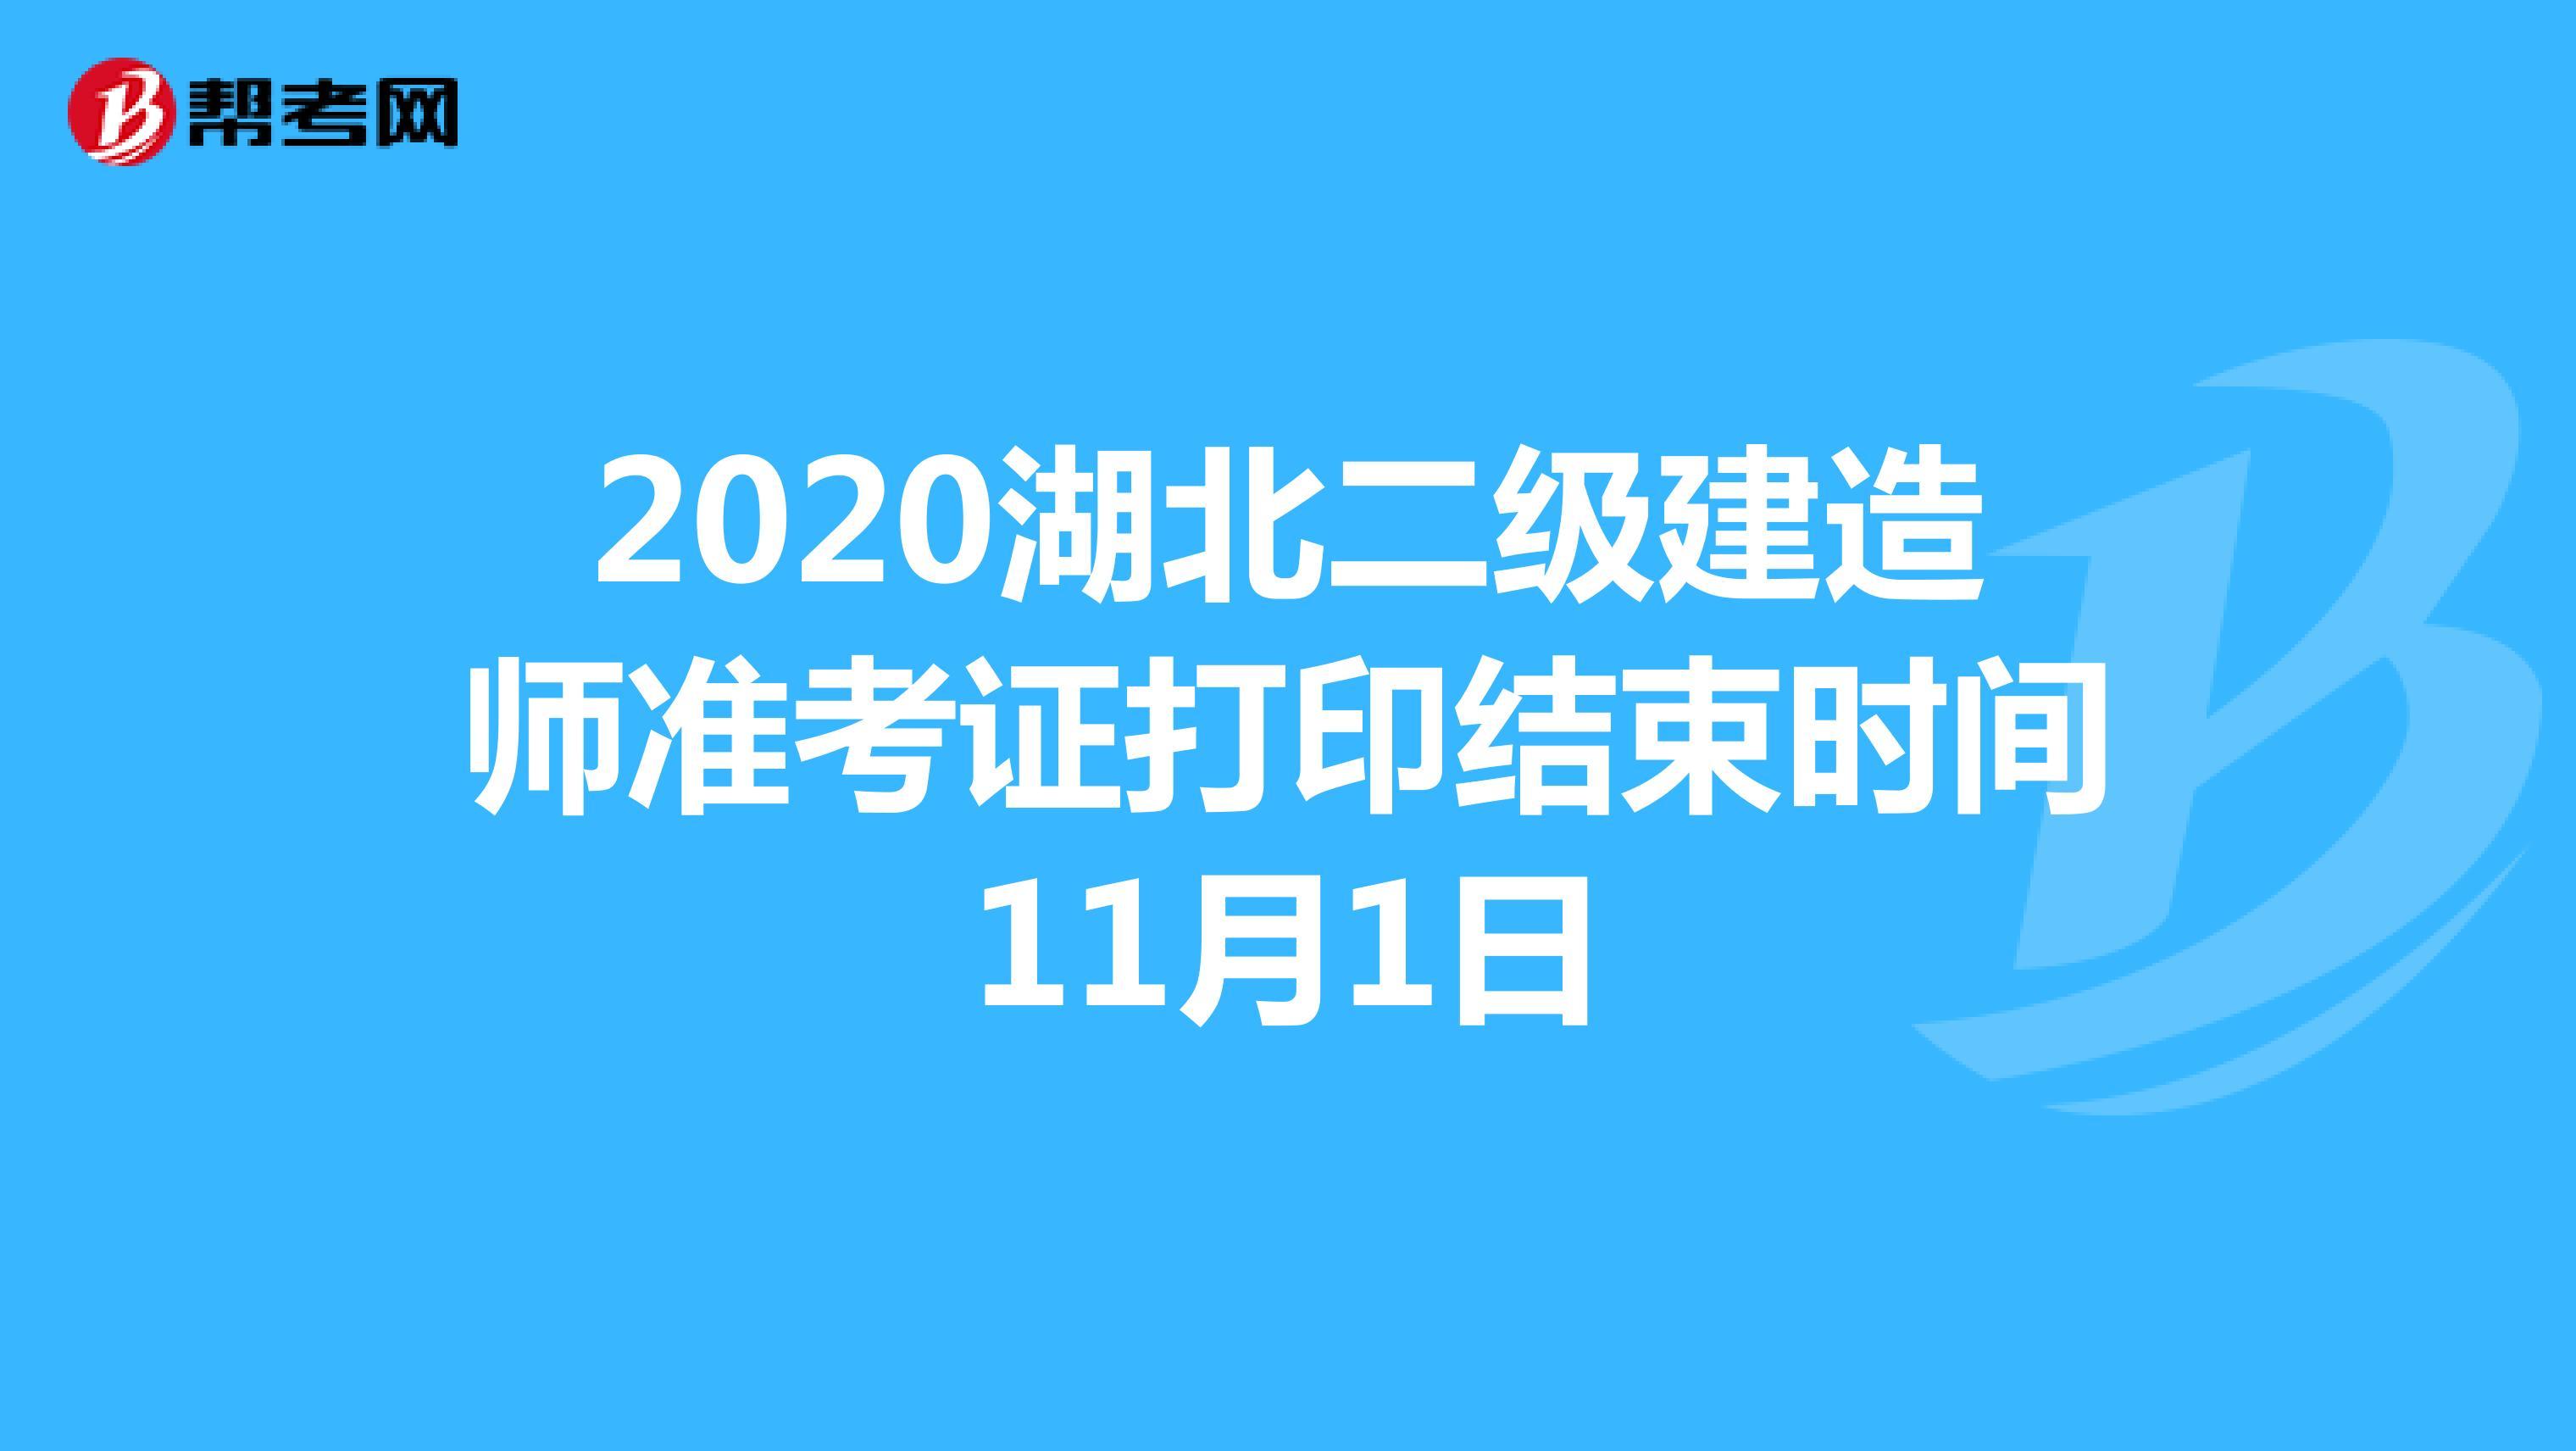 2020湖北(hot88体育官网)二级建造师准考证打印结束时间11月1日